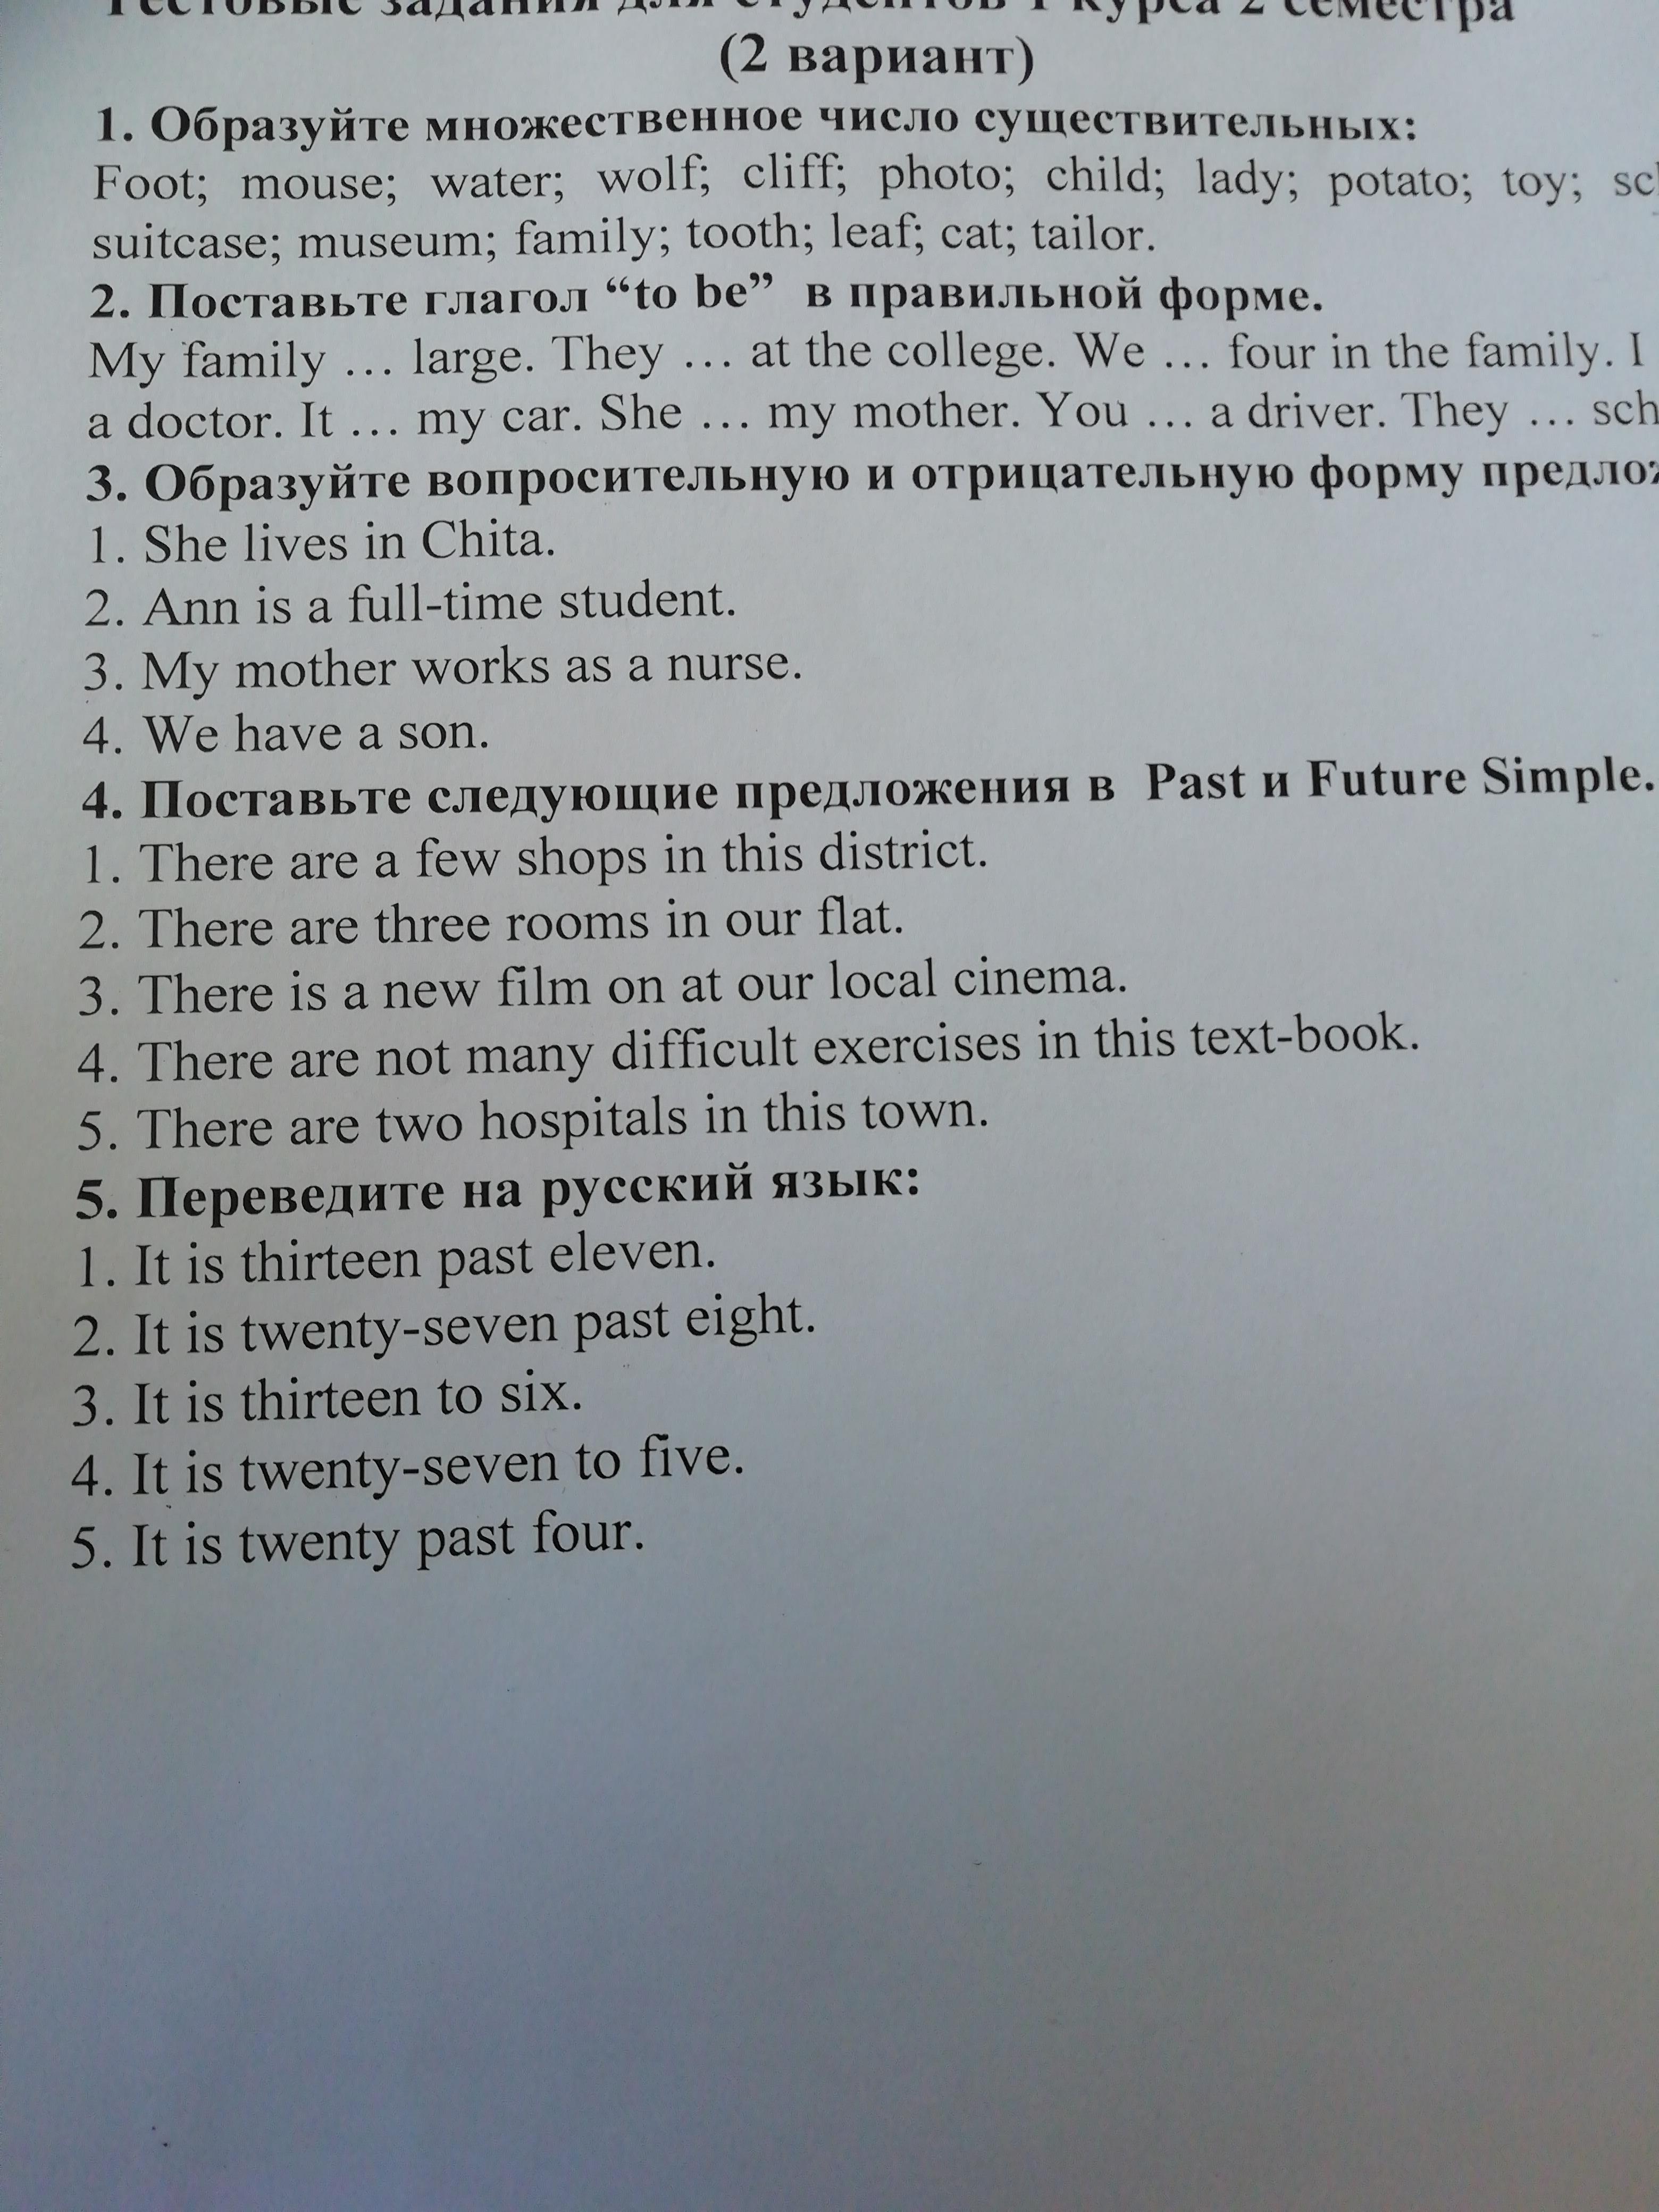 Помогите пожалуйста 3 и 4 задания